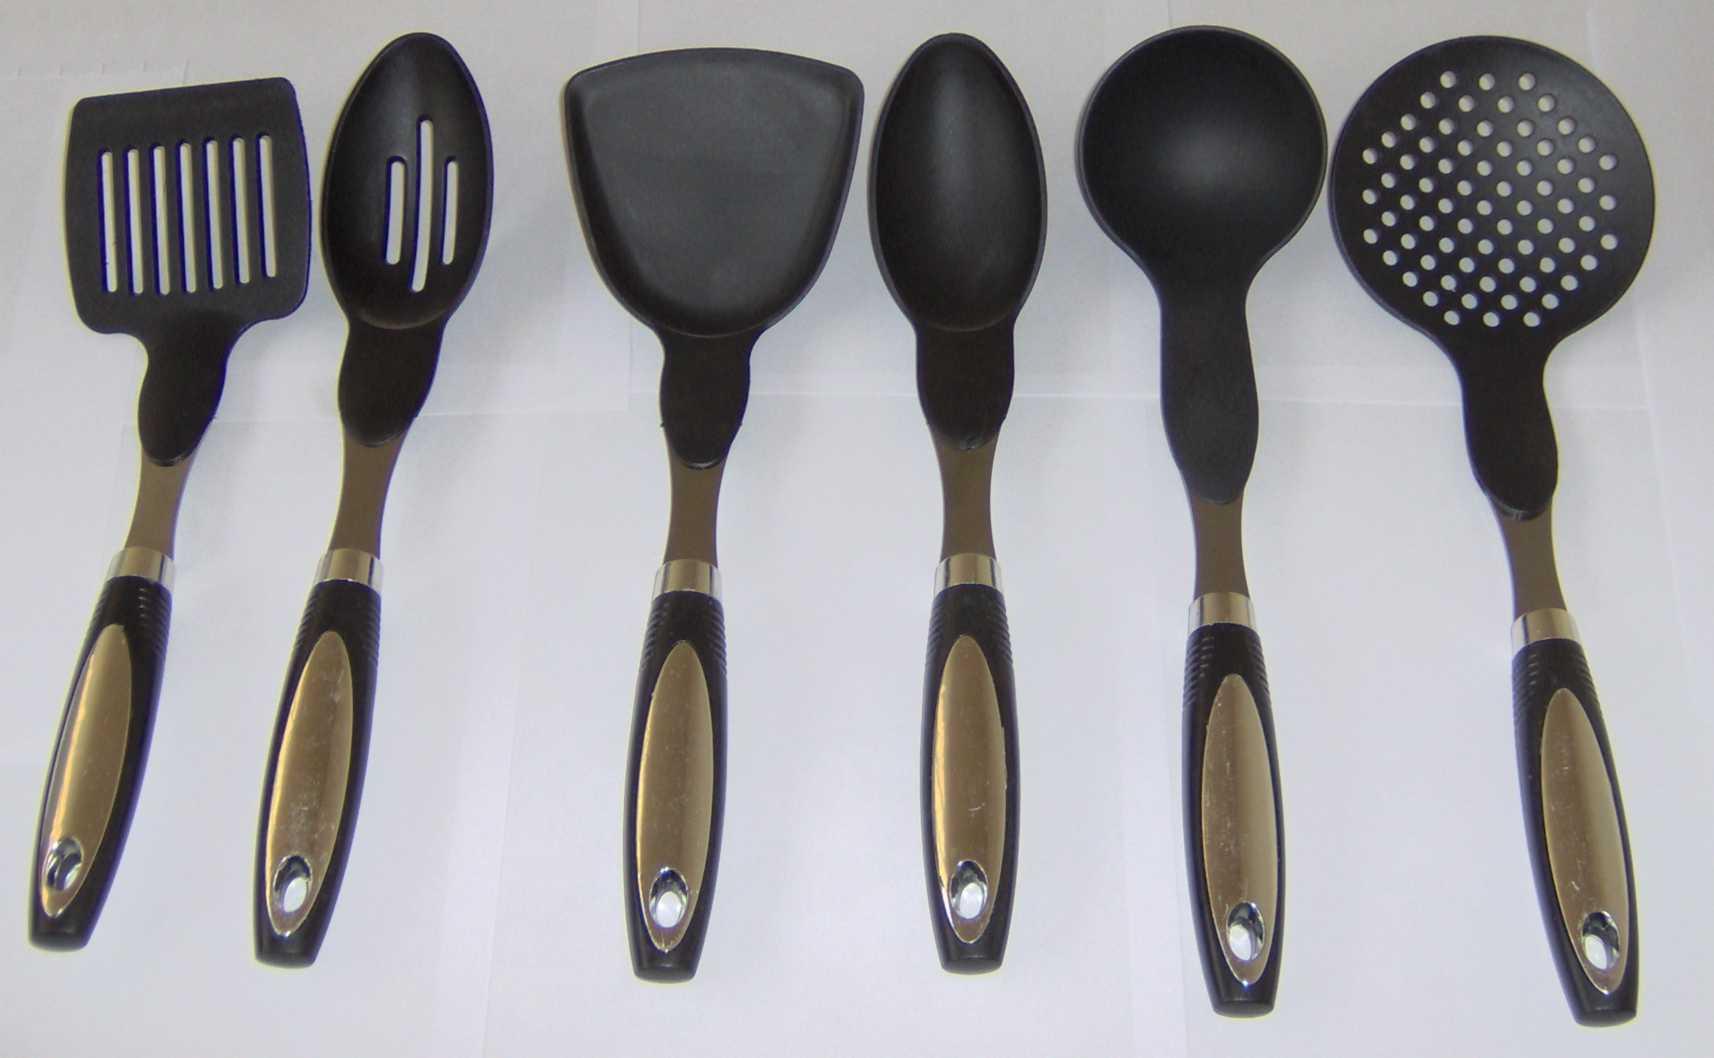 Sirge elettrodomestici set 6 mestoli da cucina con cestell for Set utensili da cucina